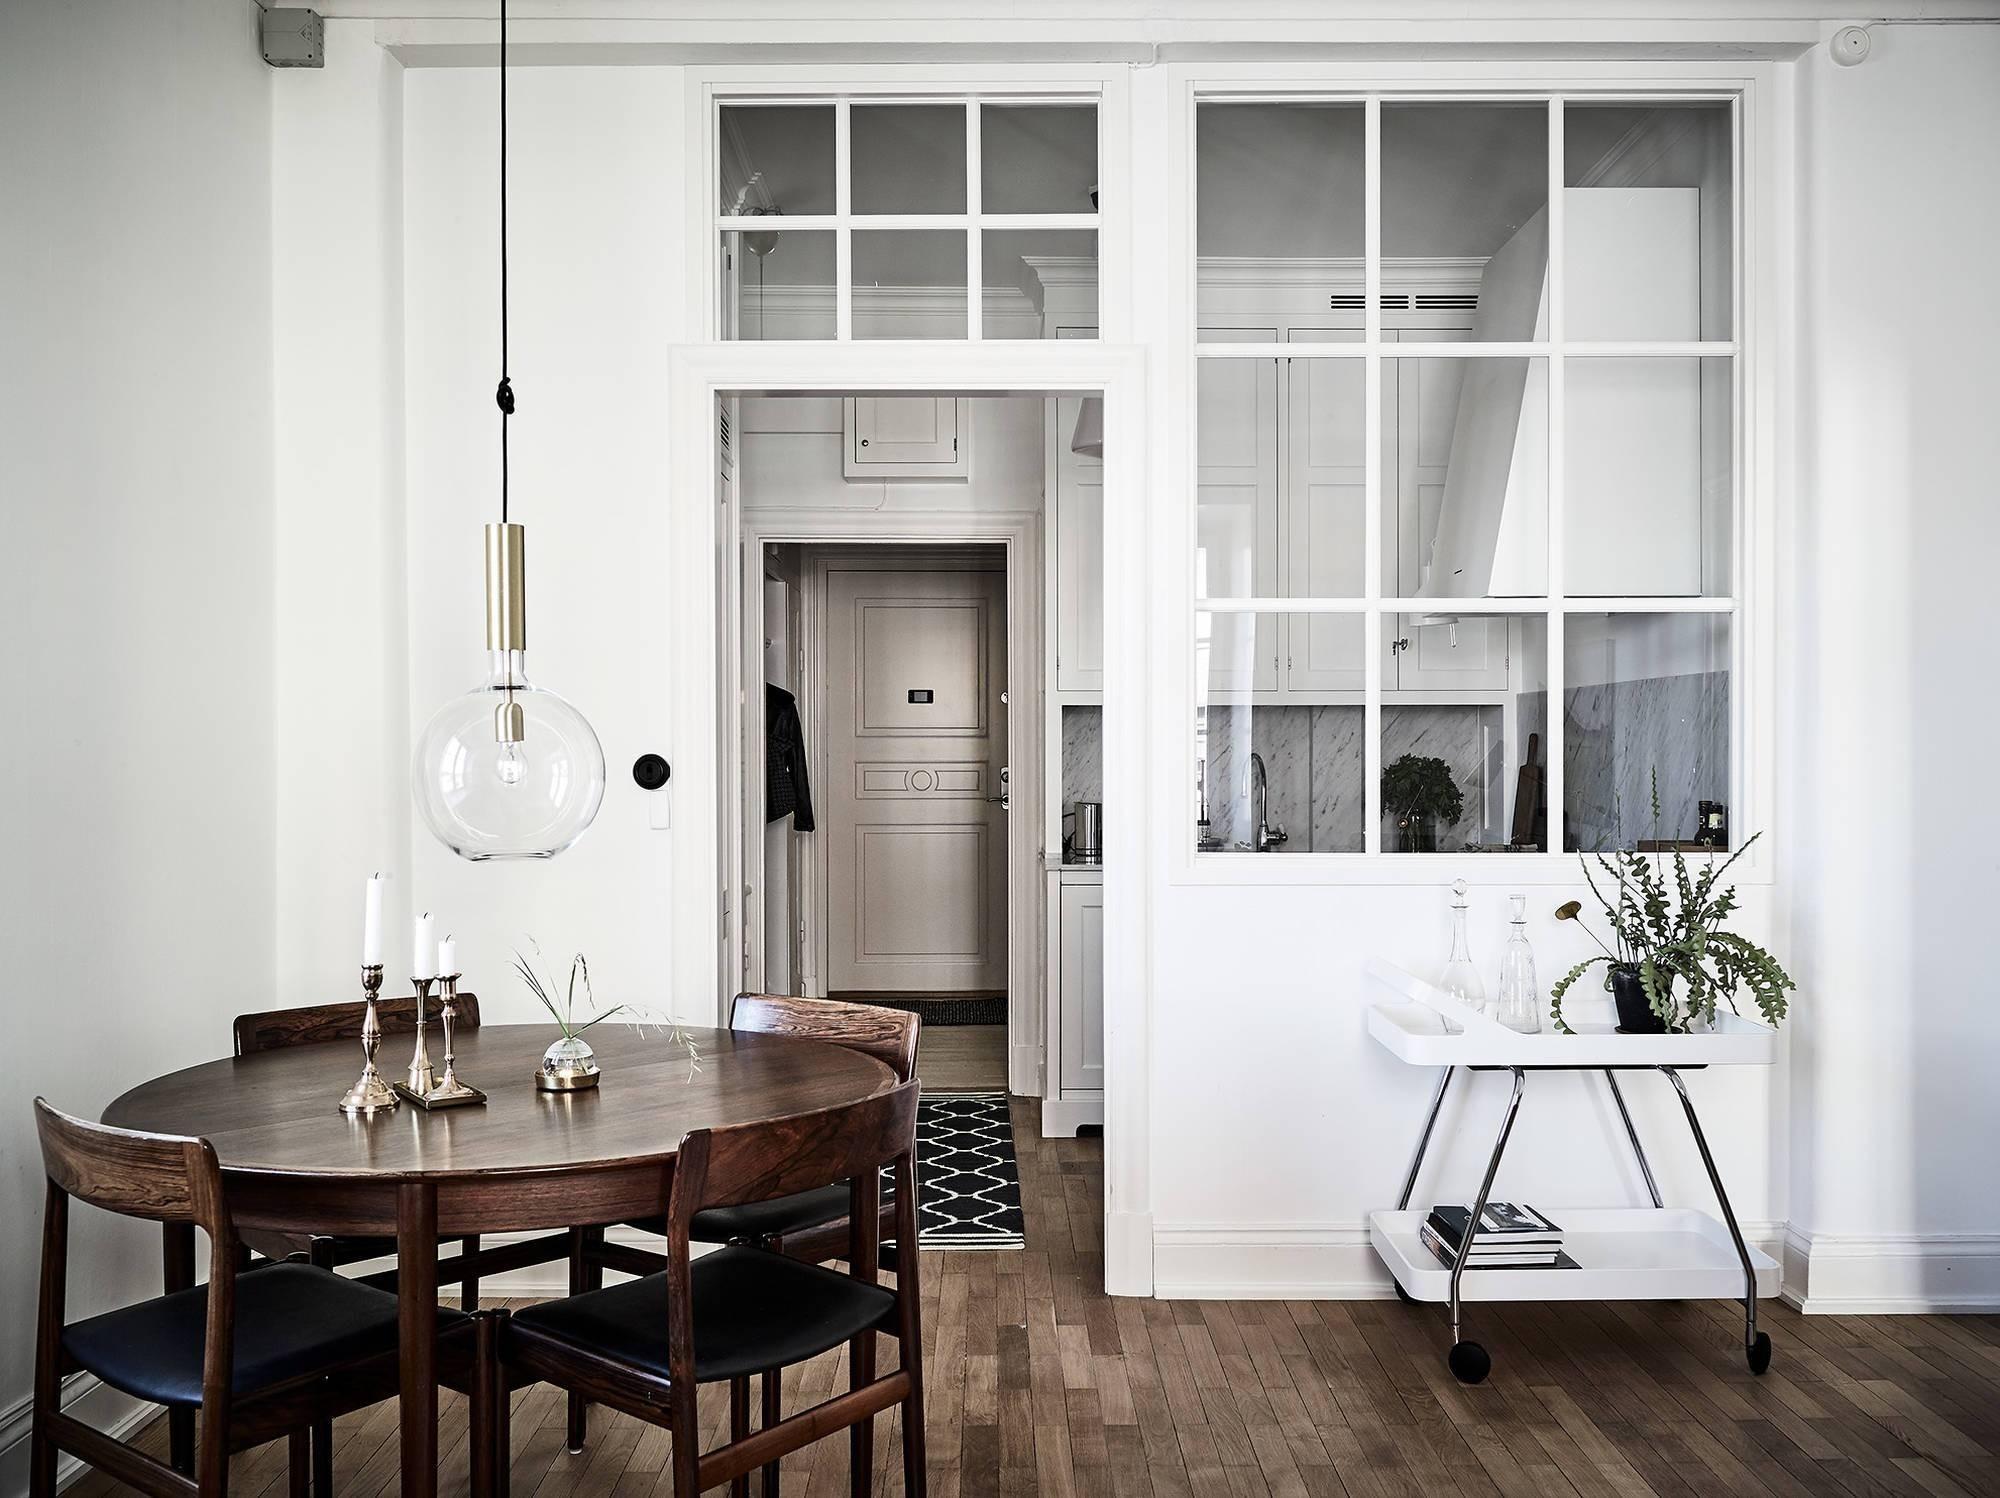 Стеклянная перегородка в квартире: фото, дизайн, идея